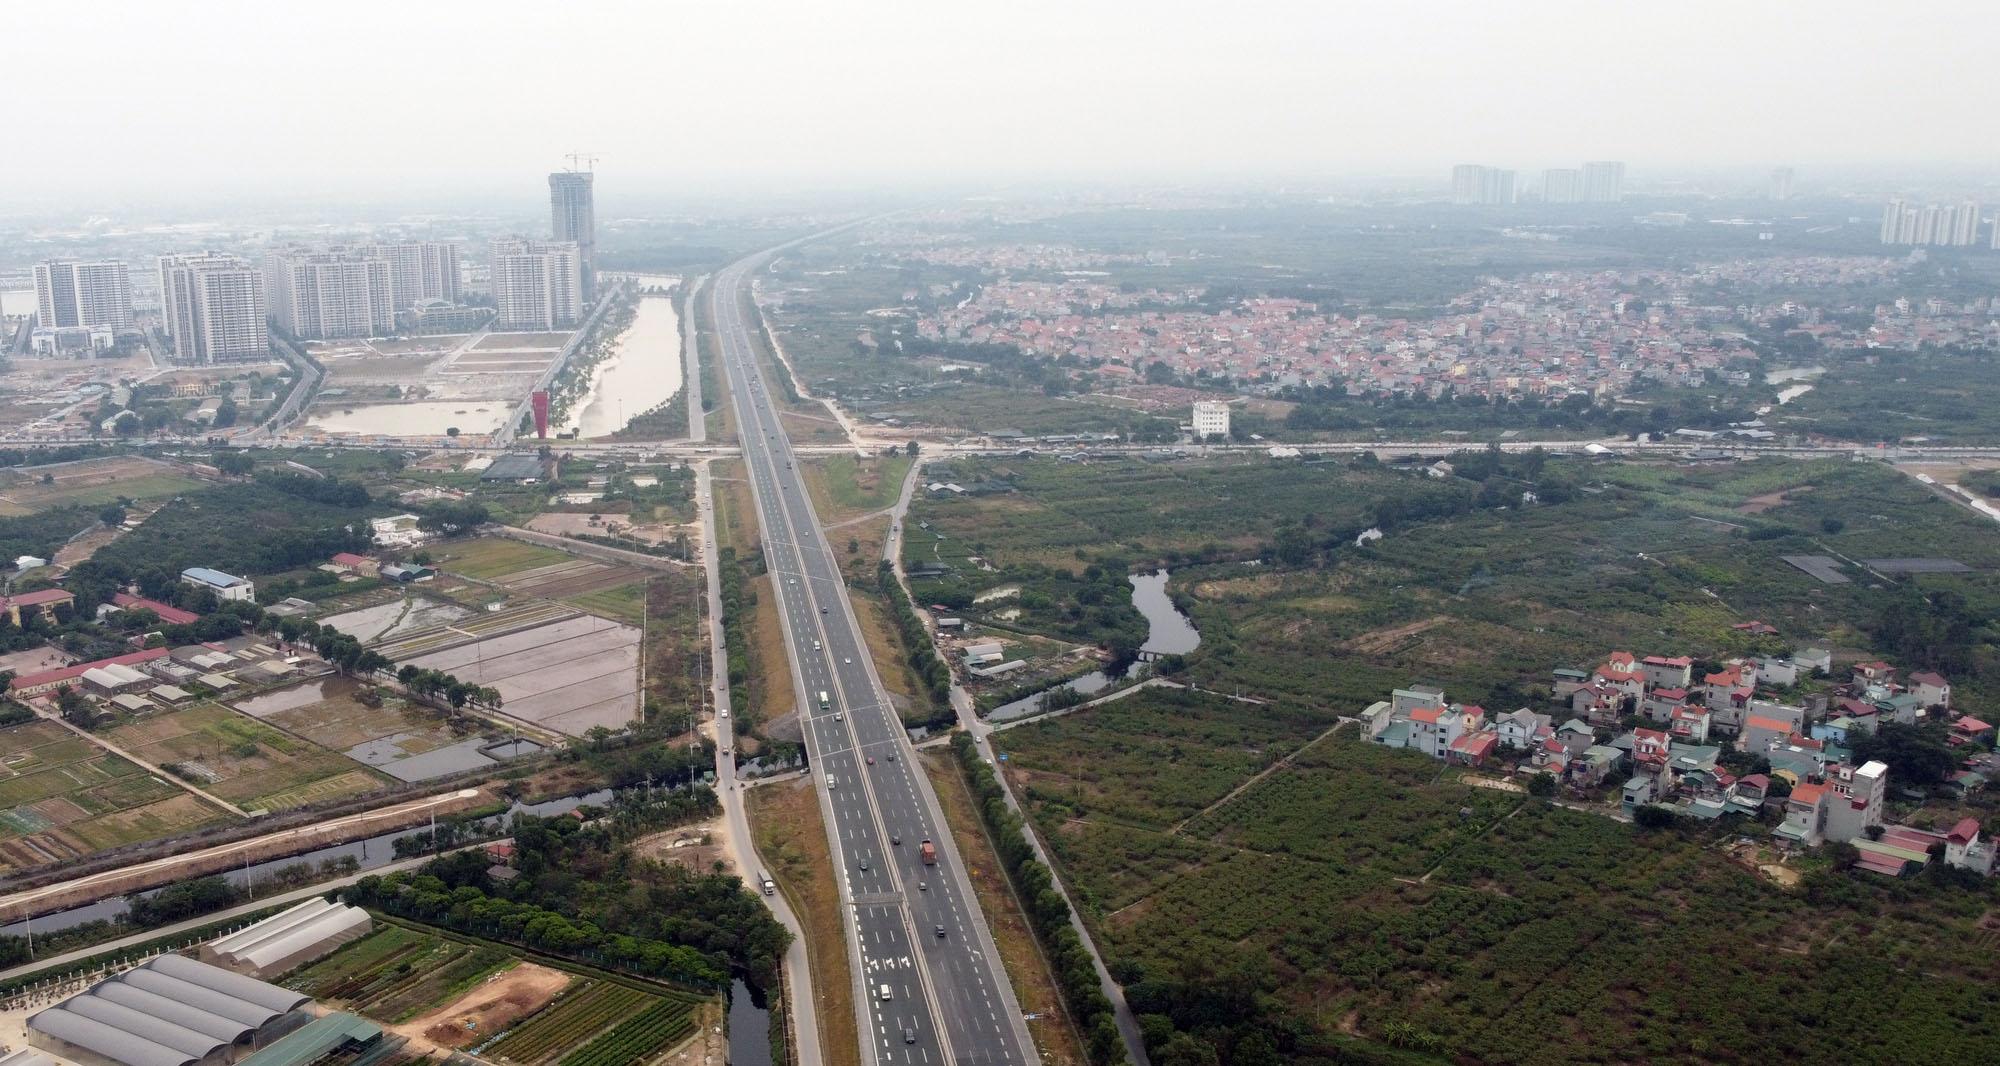 Khởi công cao tốc Diễn Châu - Bãi Vọt, Nha Trang - Cam Lâm và Cam Lâm - Vĩnh Hảo trong quý I/2021 - Ảnh 1.